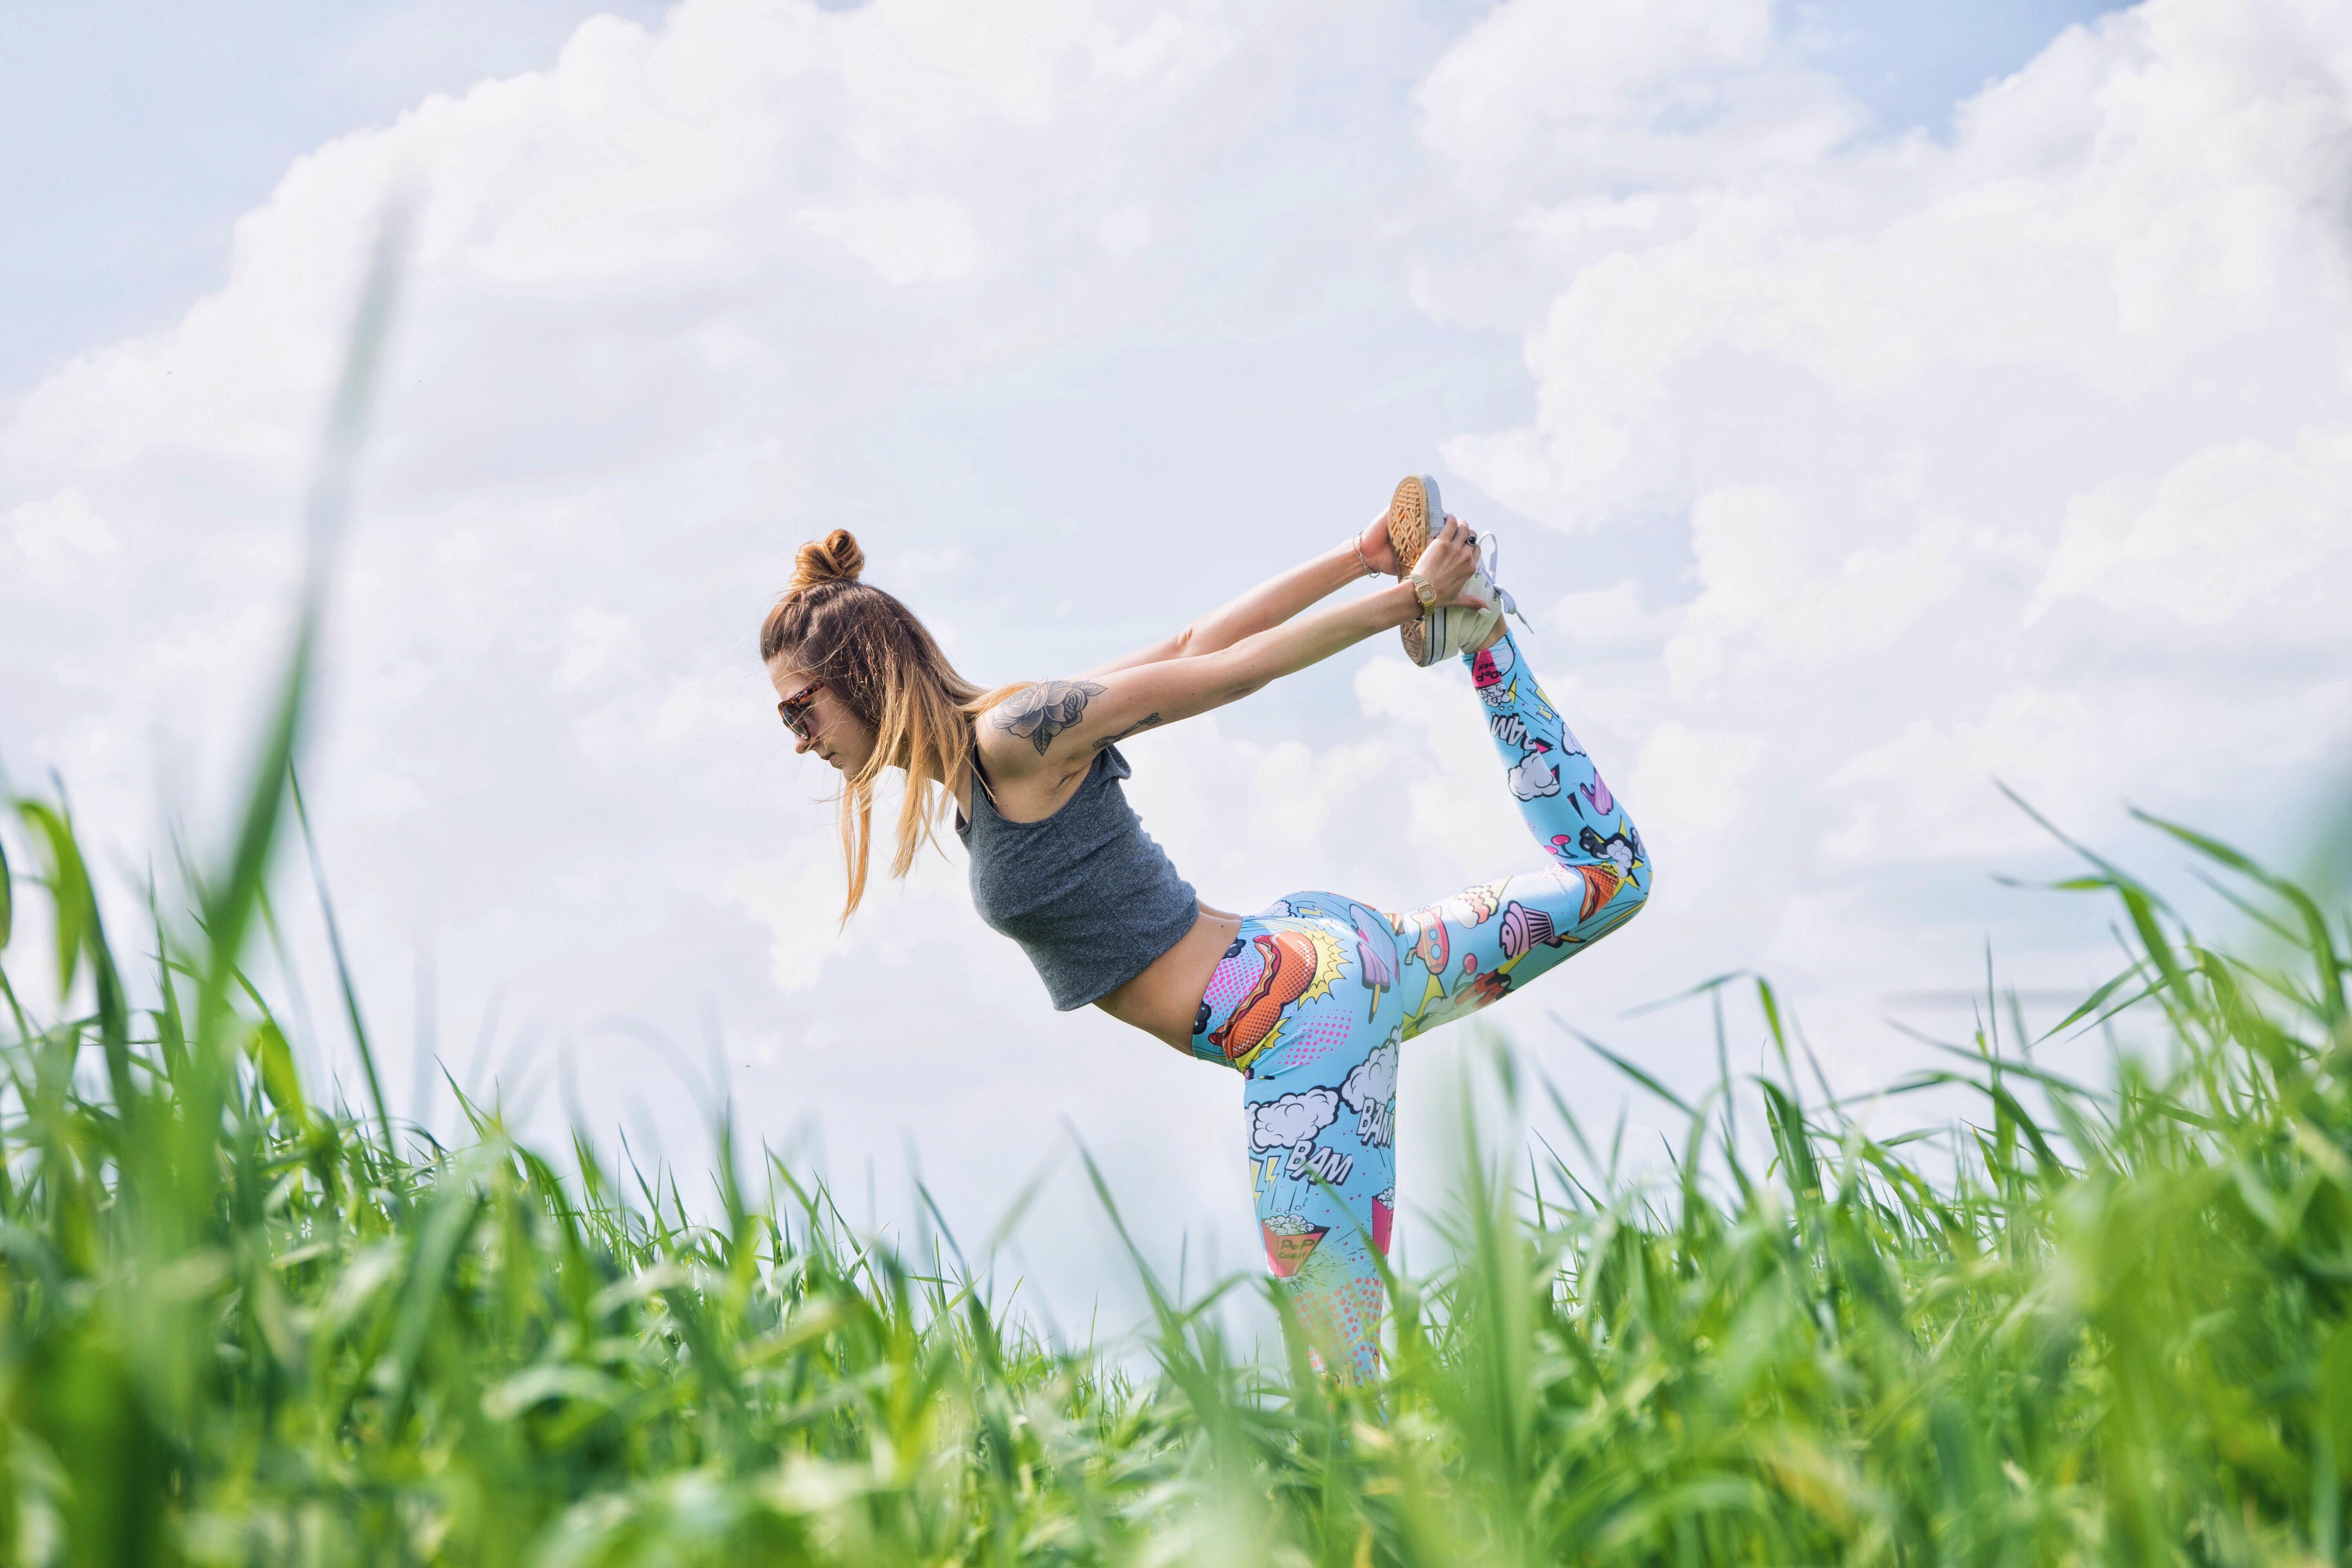 Les bienfaits du sport sur le corps et l'esprit